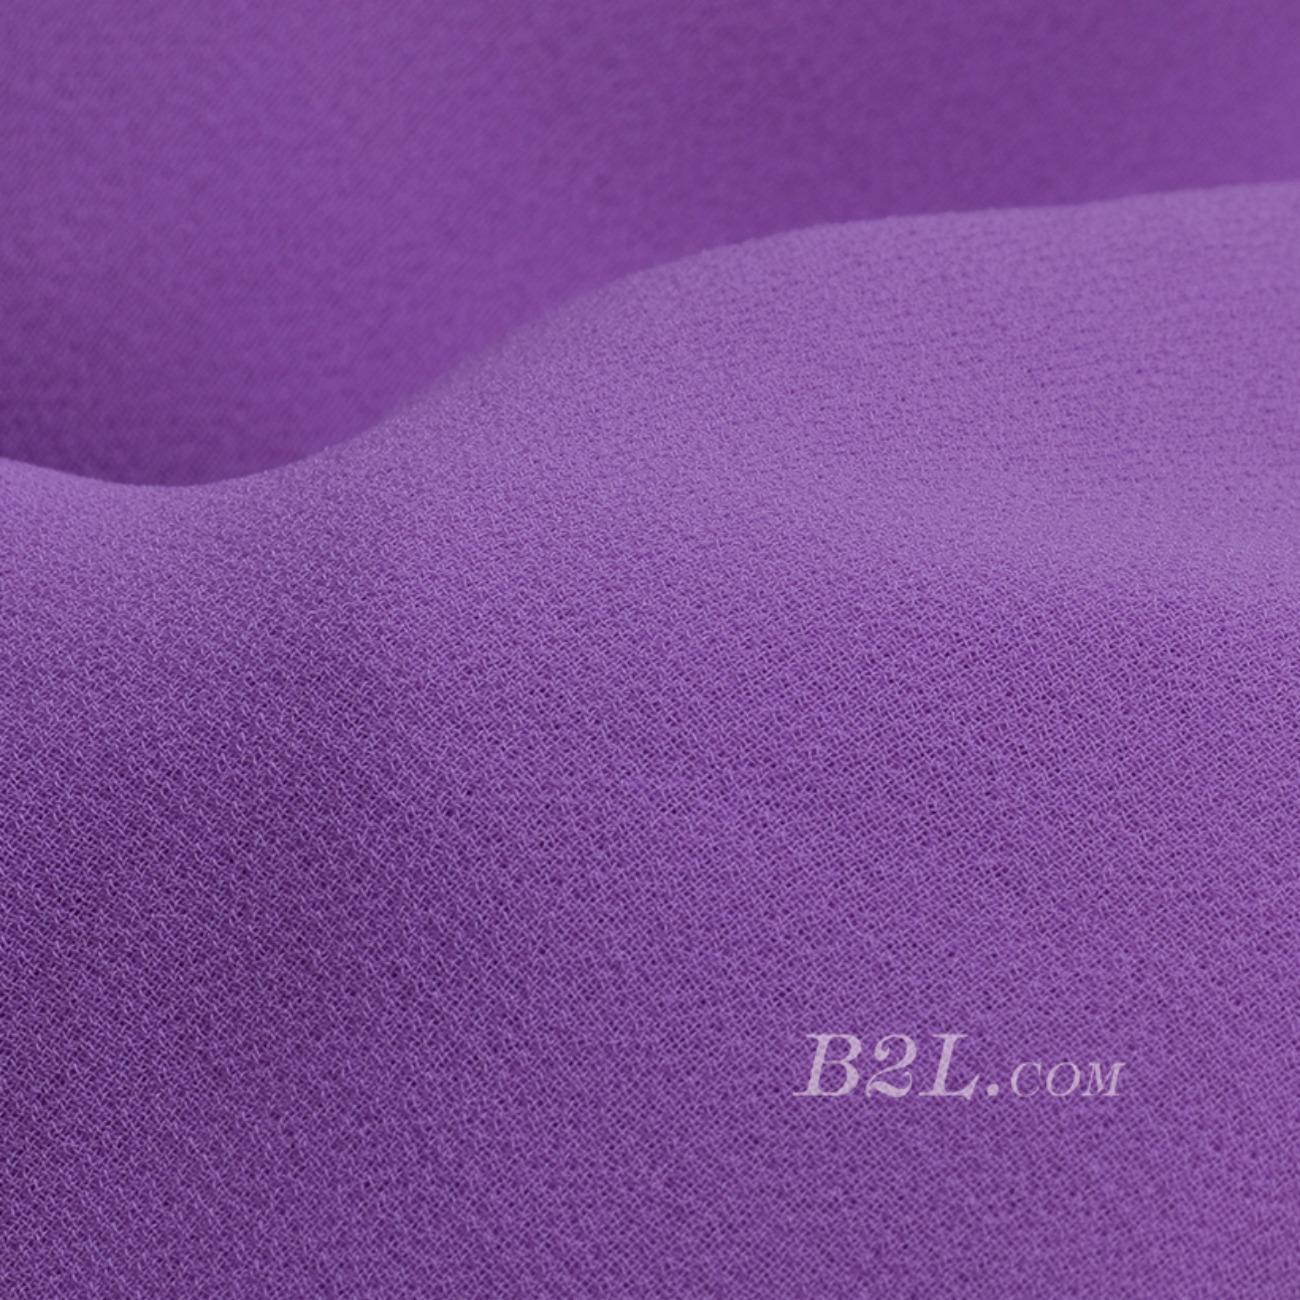 素色 梭织 全涤 雪纺 染色 无弹 柔软 薄 连衣裙 衬衫 春秋 60802-5